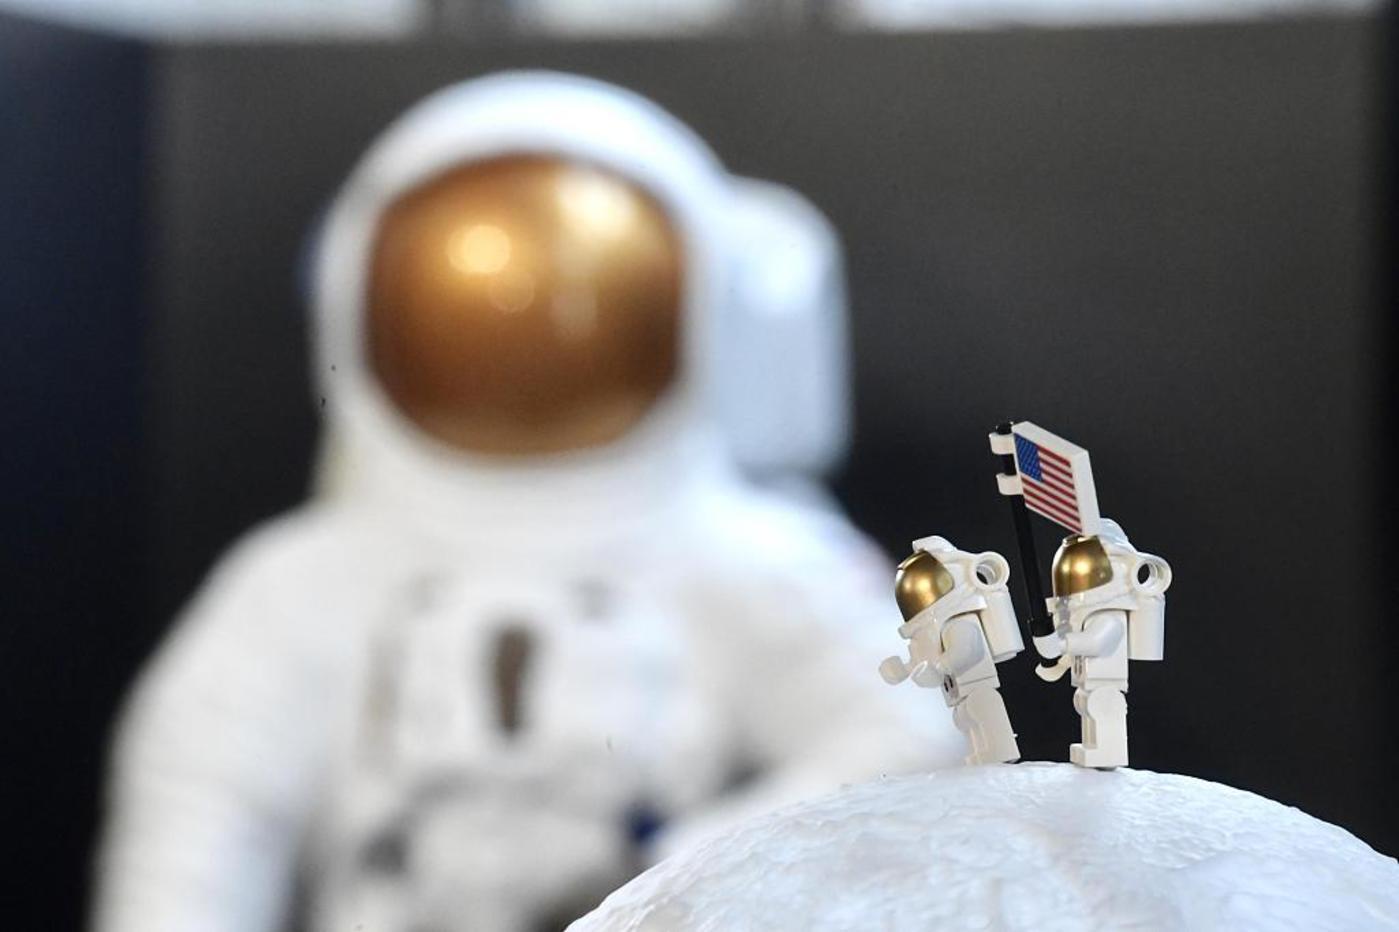 【钛晨报】欧洲空间局研制月球基地建造用砖,白天储能晚上发电;华为5G折叠屏手机下月上市